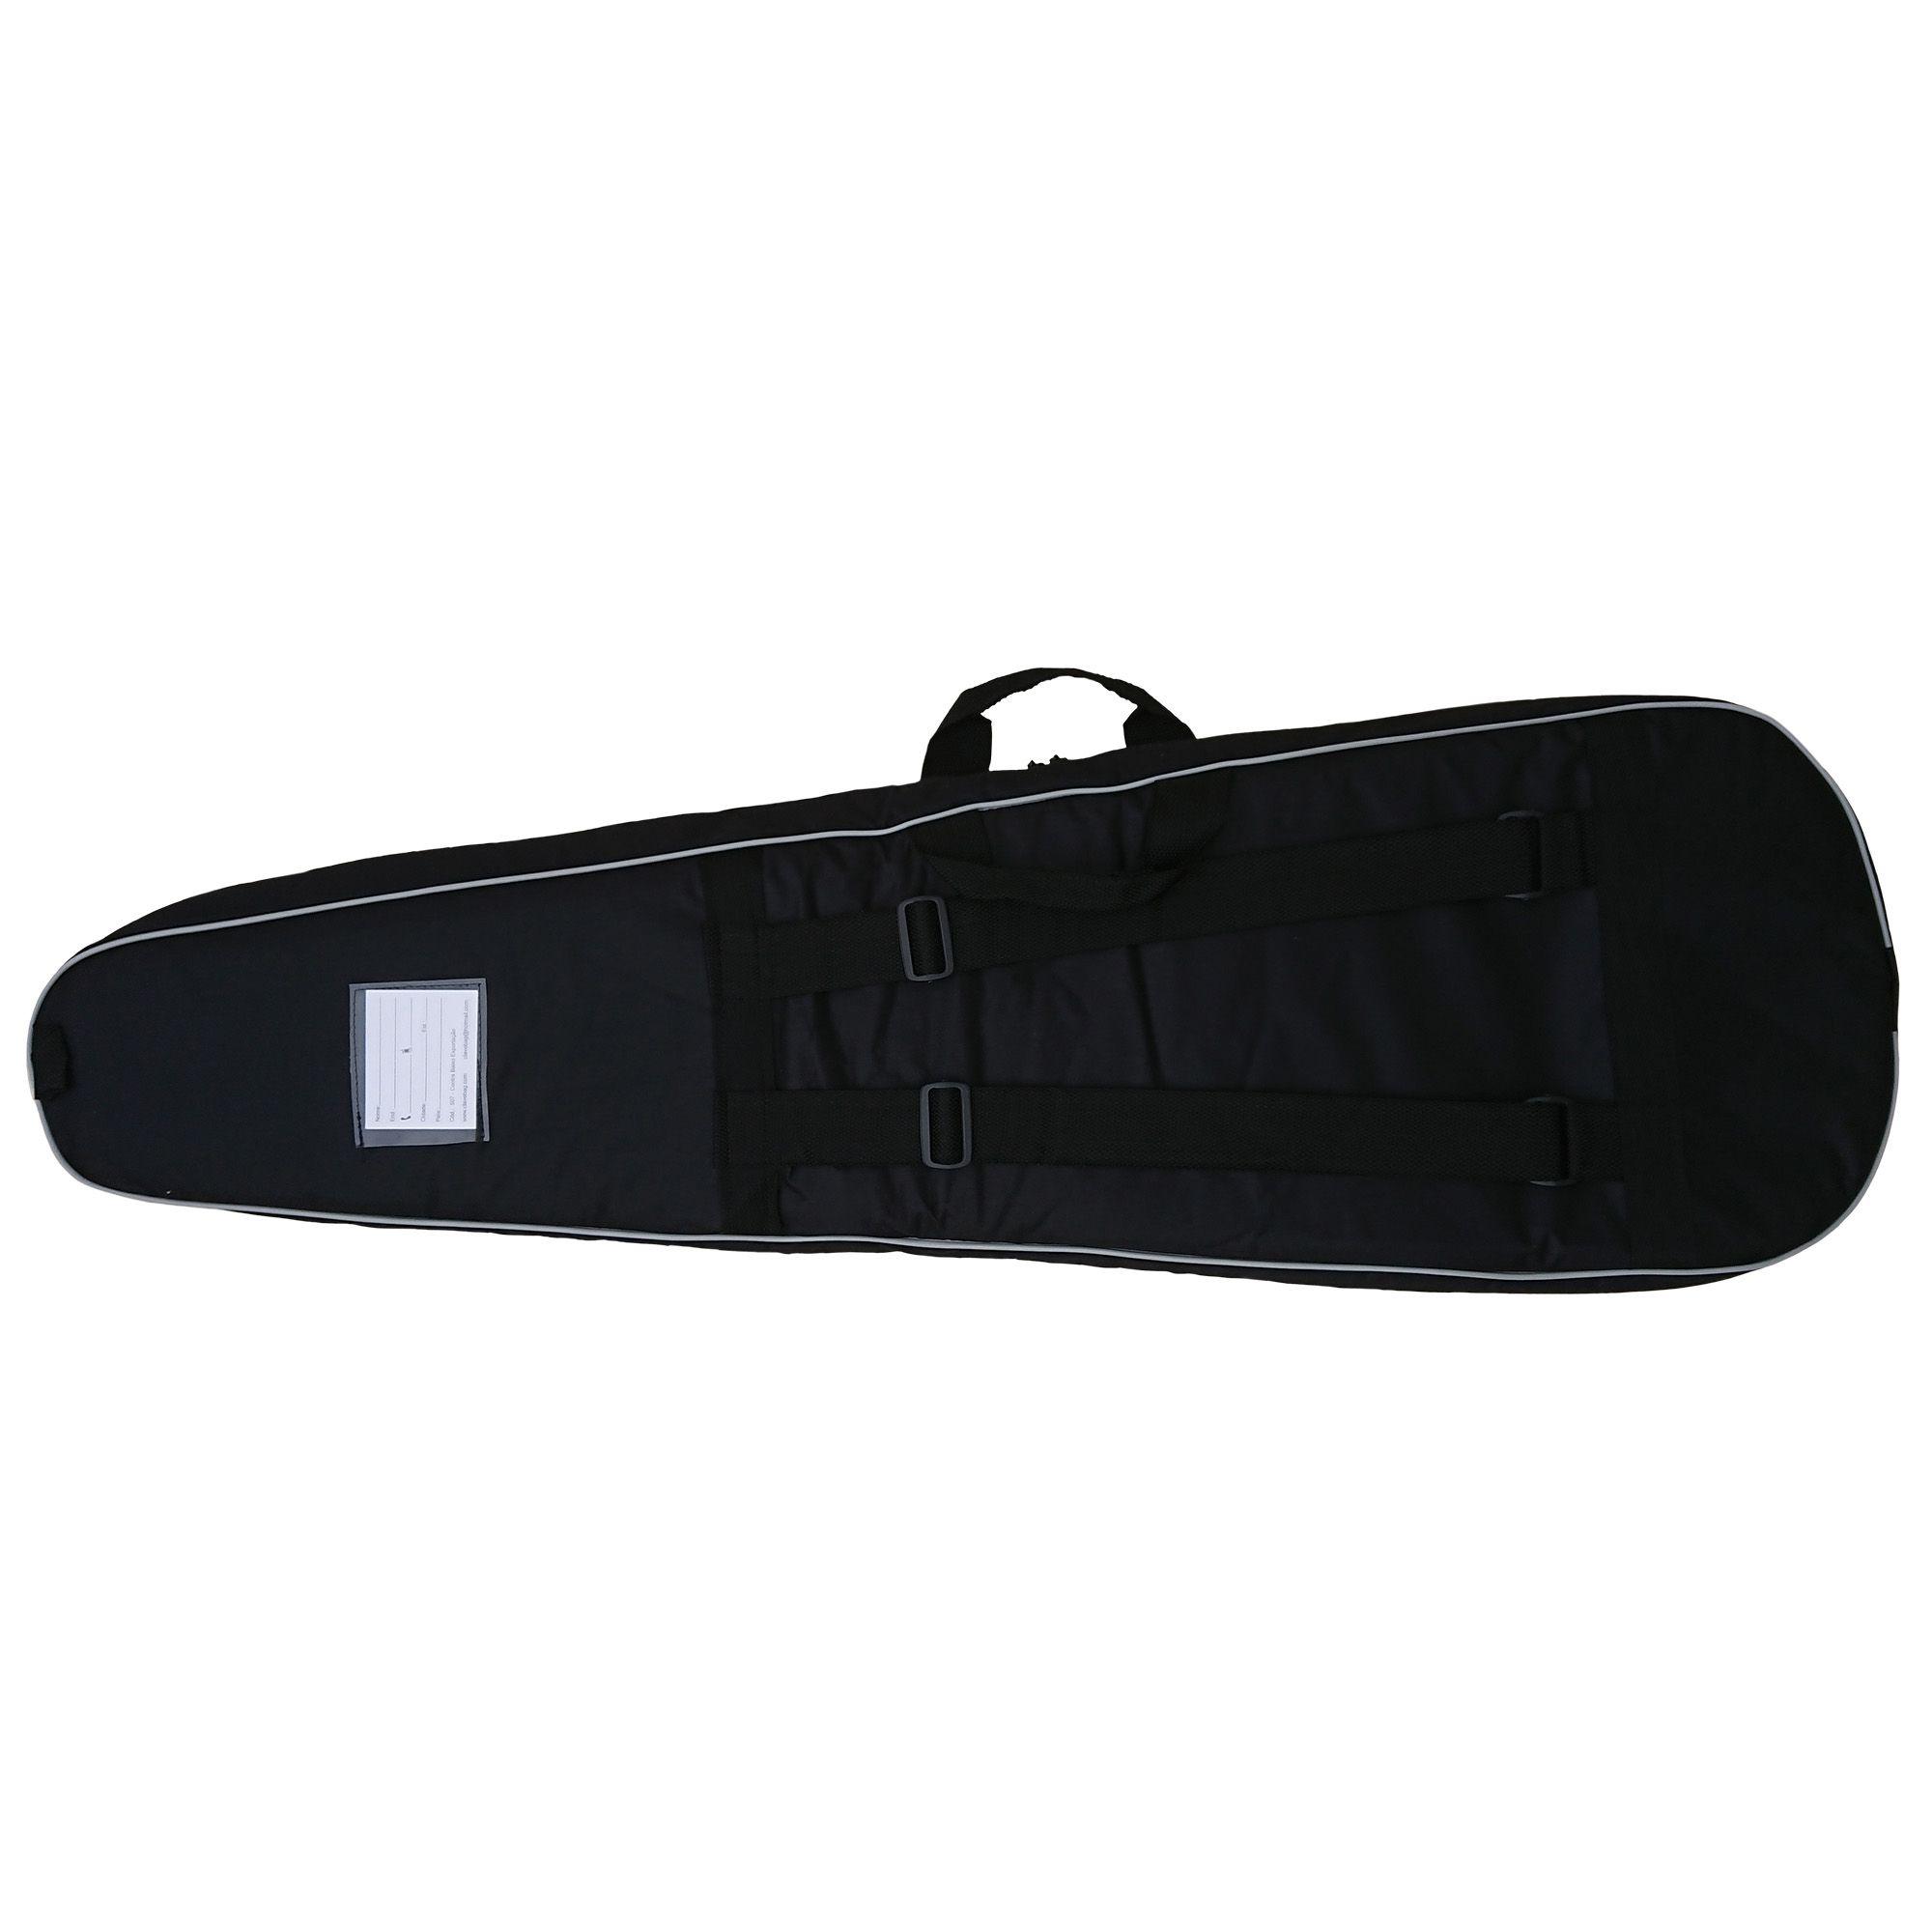 Capa Bag para Guitarra Semi Case Gold CLAVE & BAG. Totalmente acolchoada, alça de mão e de mochila. EX 507  - ROOSTERMUSIC